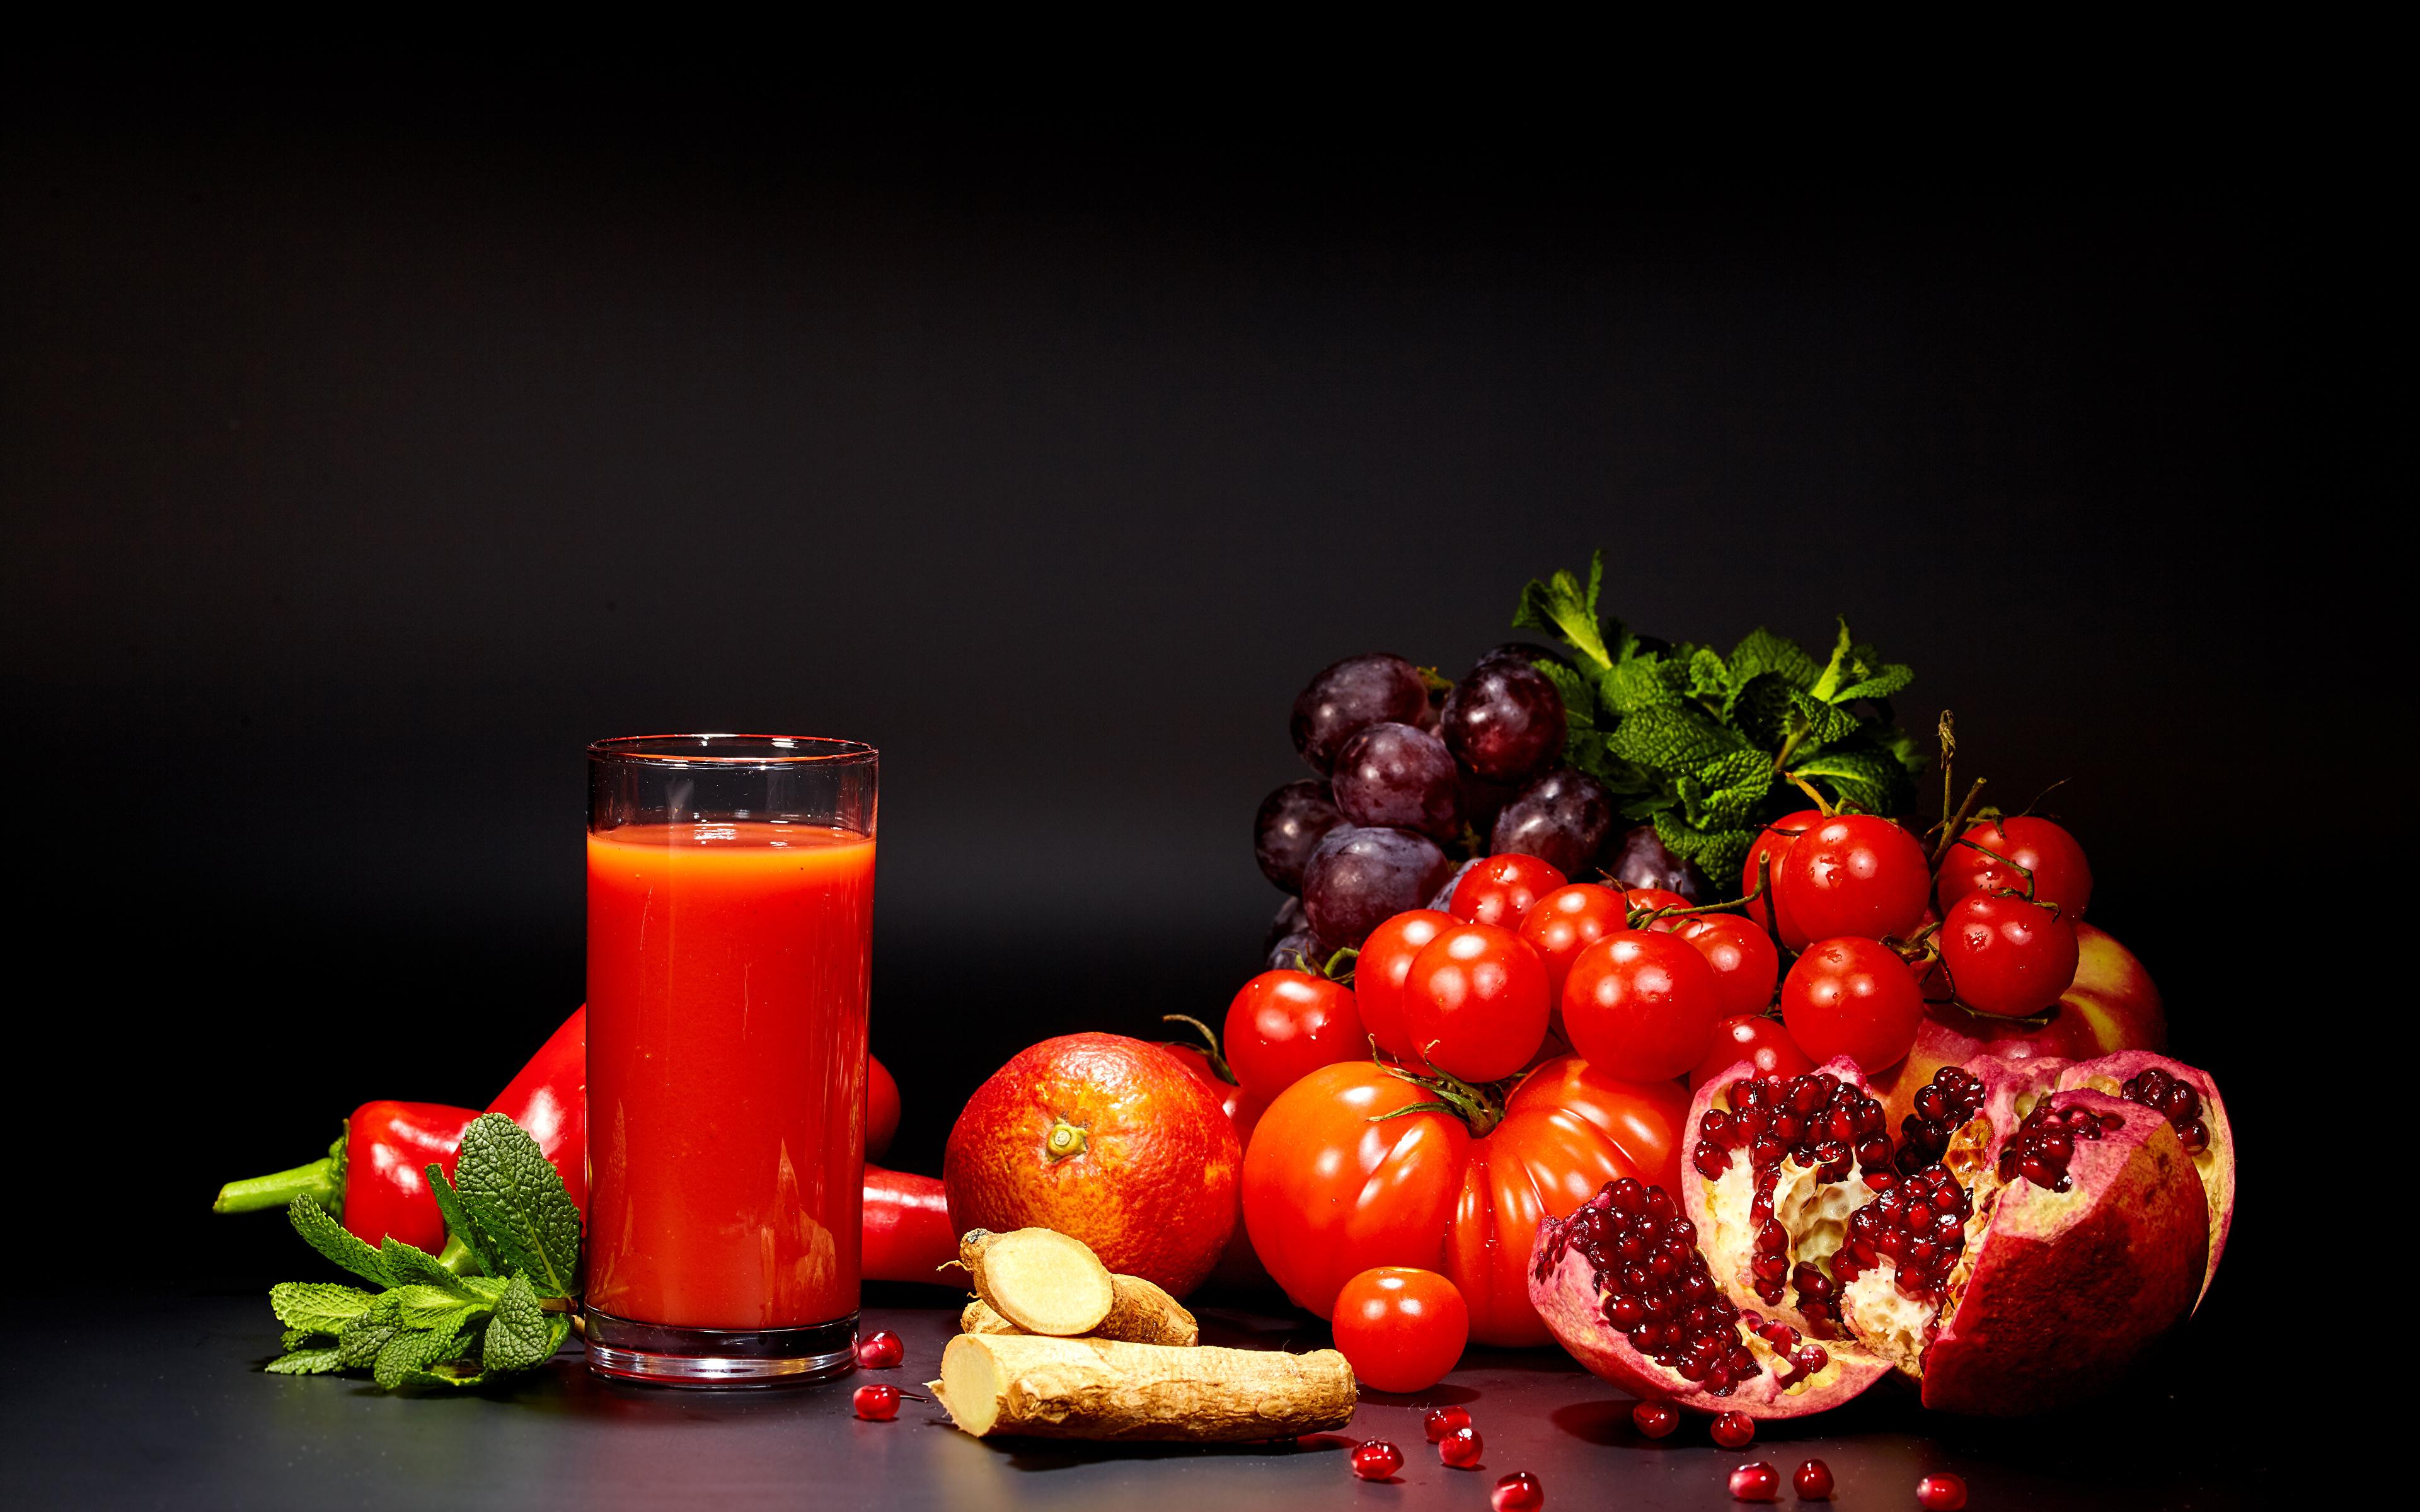 Виноградный Сок И Диета. Виноград при похудении: вкусно и полезно